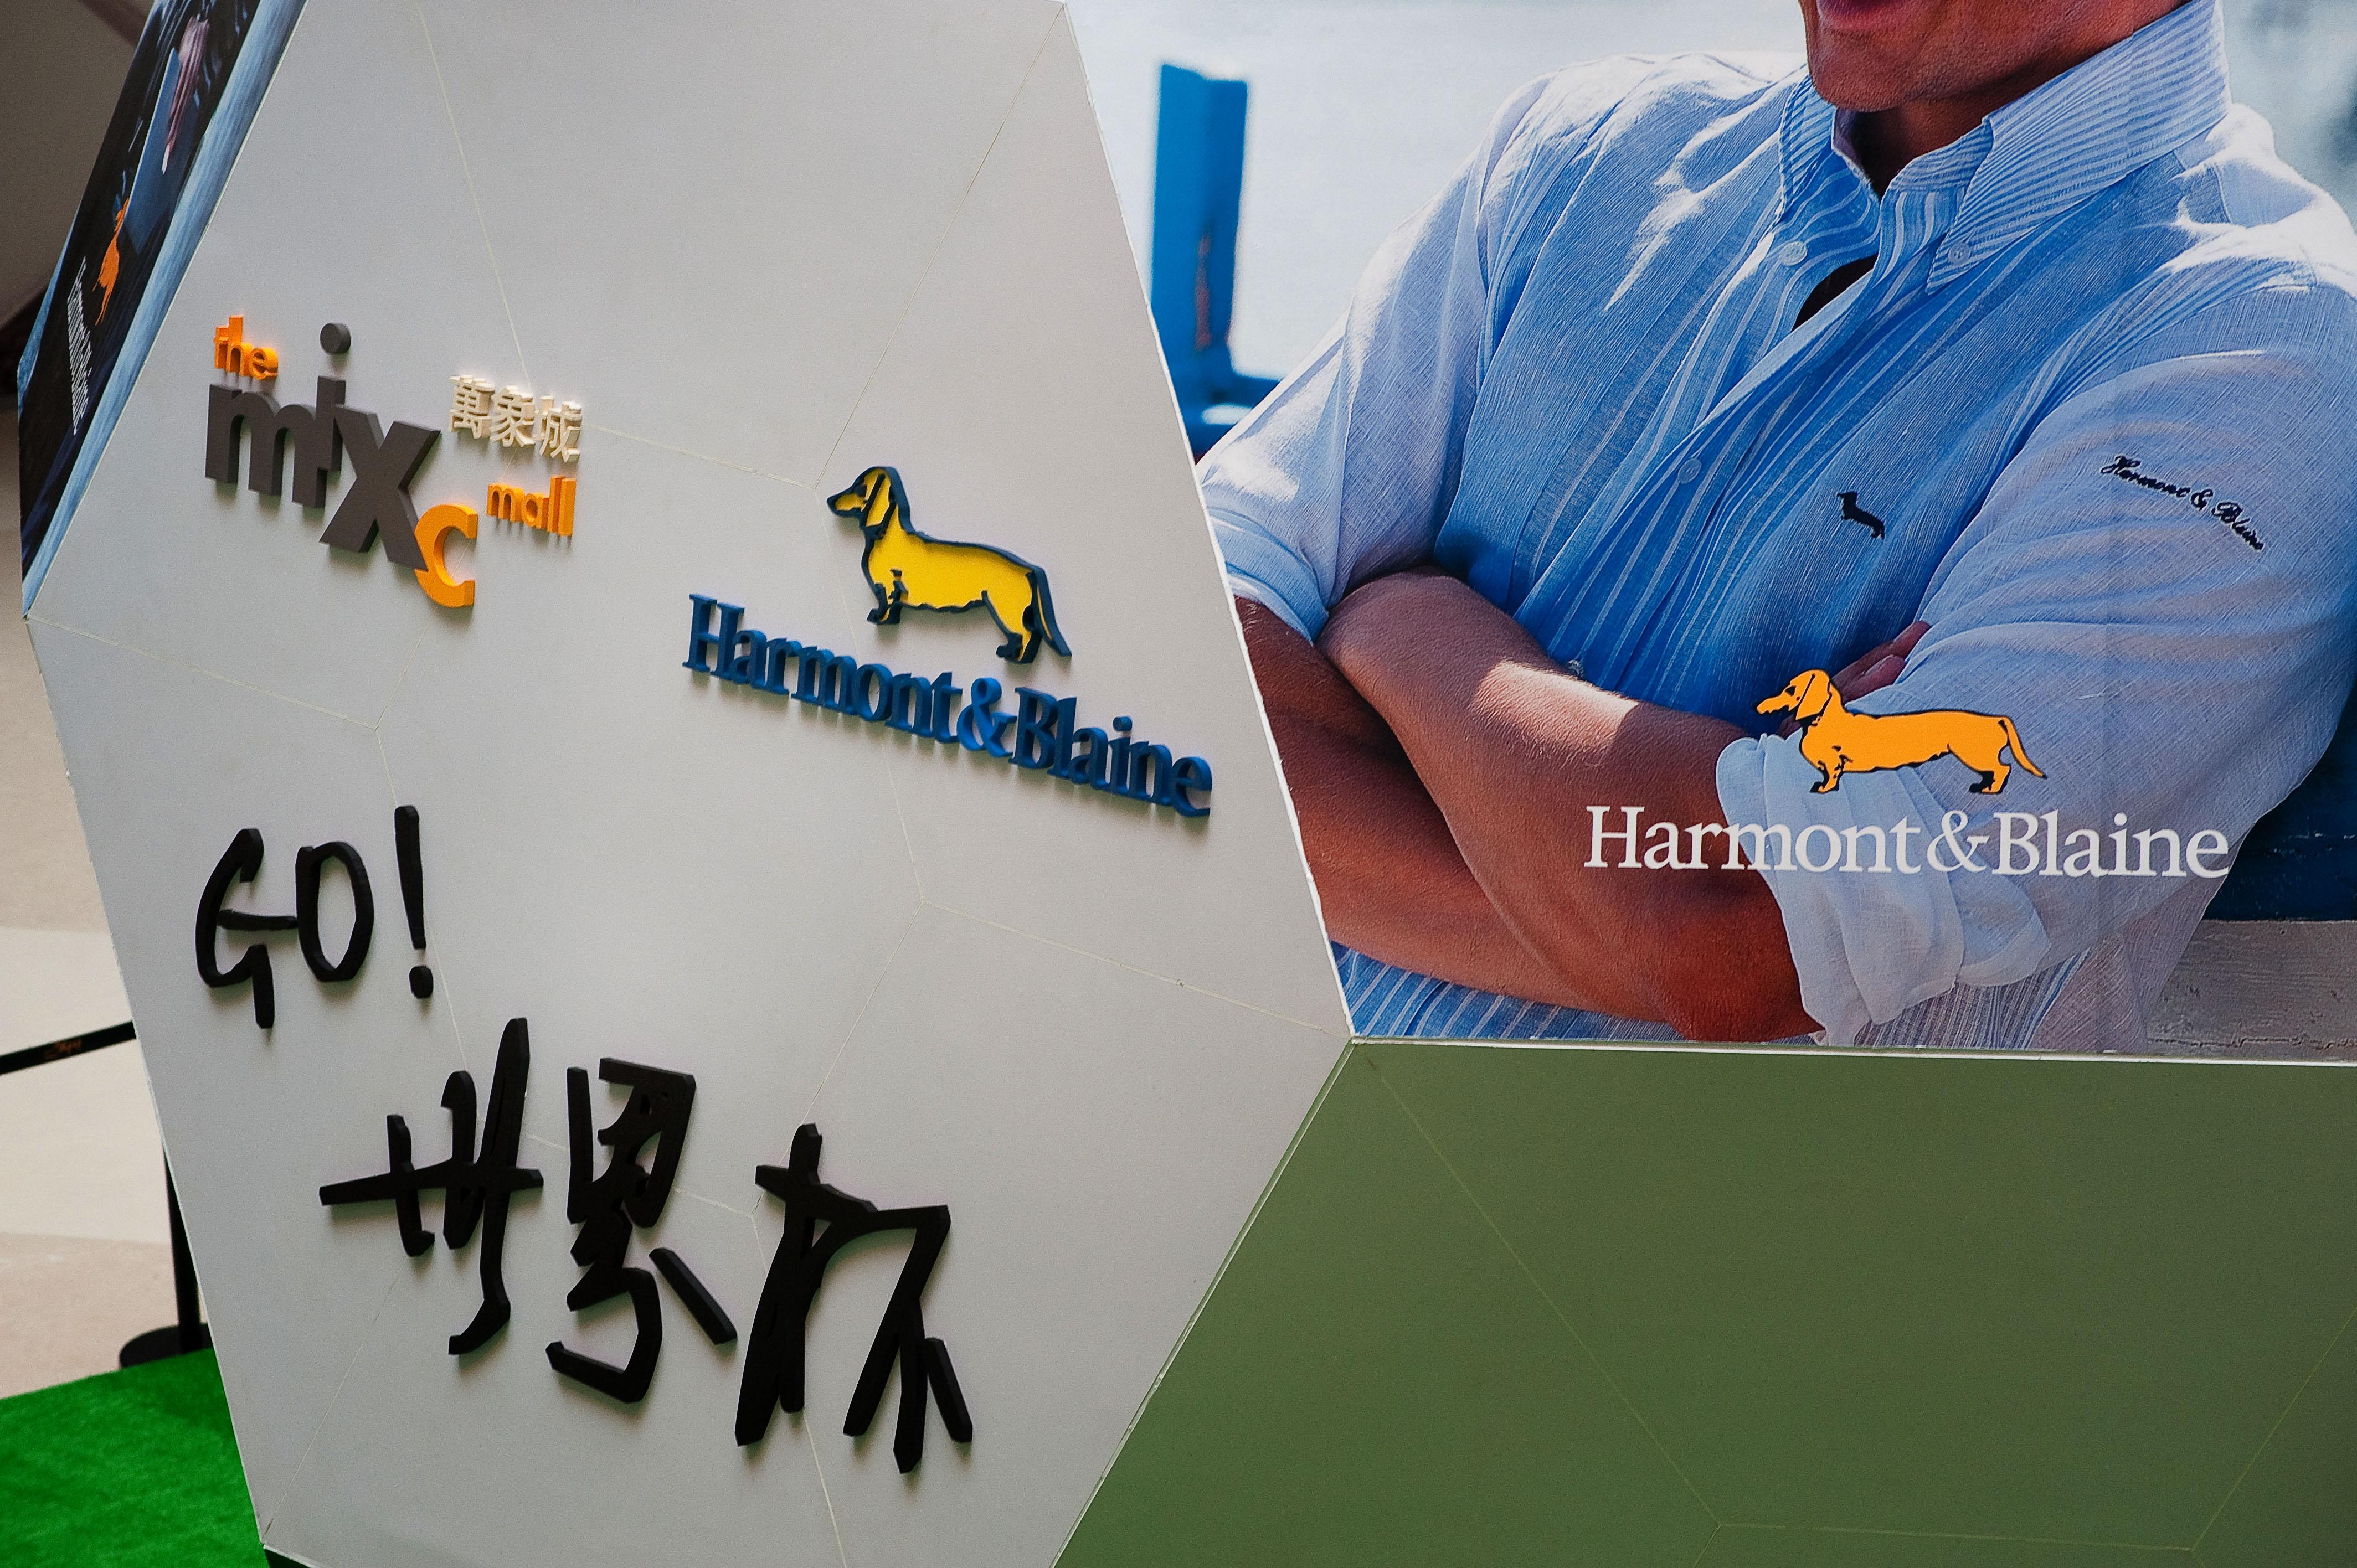 2010 H&B FASHION DISPLAY